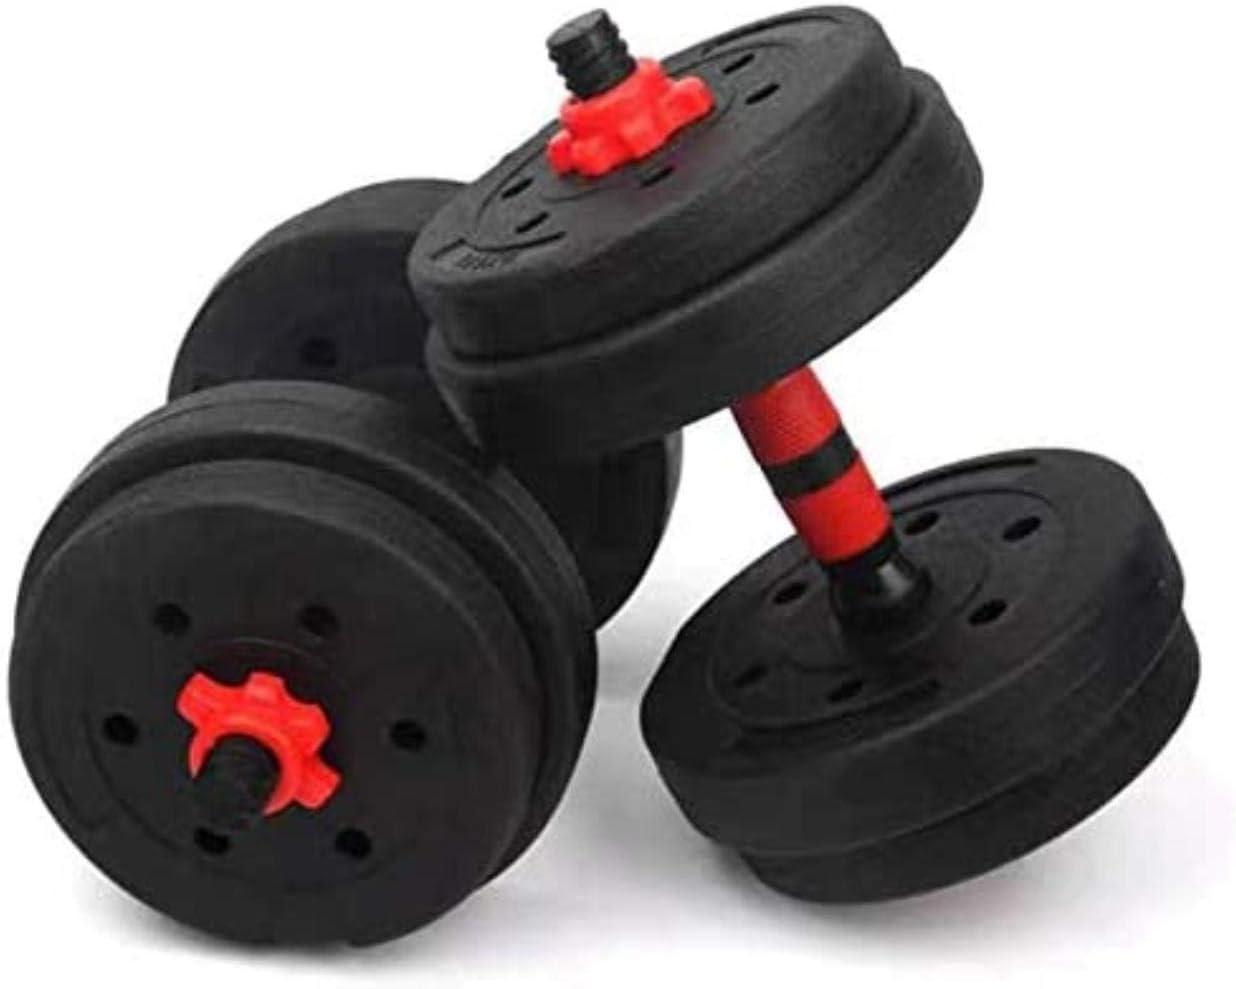 Muscle Ajustable de Fitness con Mancuernas Set for Hombres y Equipo Femenino de Formación Brazo casero Pesos de la Gimnasia 15KG 20KG 25KG, Elementos de la Pantalla Peso: 15,0 kilogramos